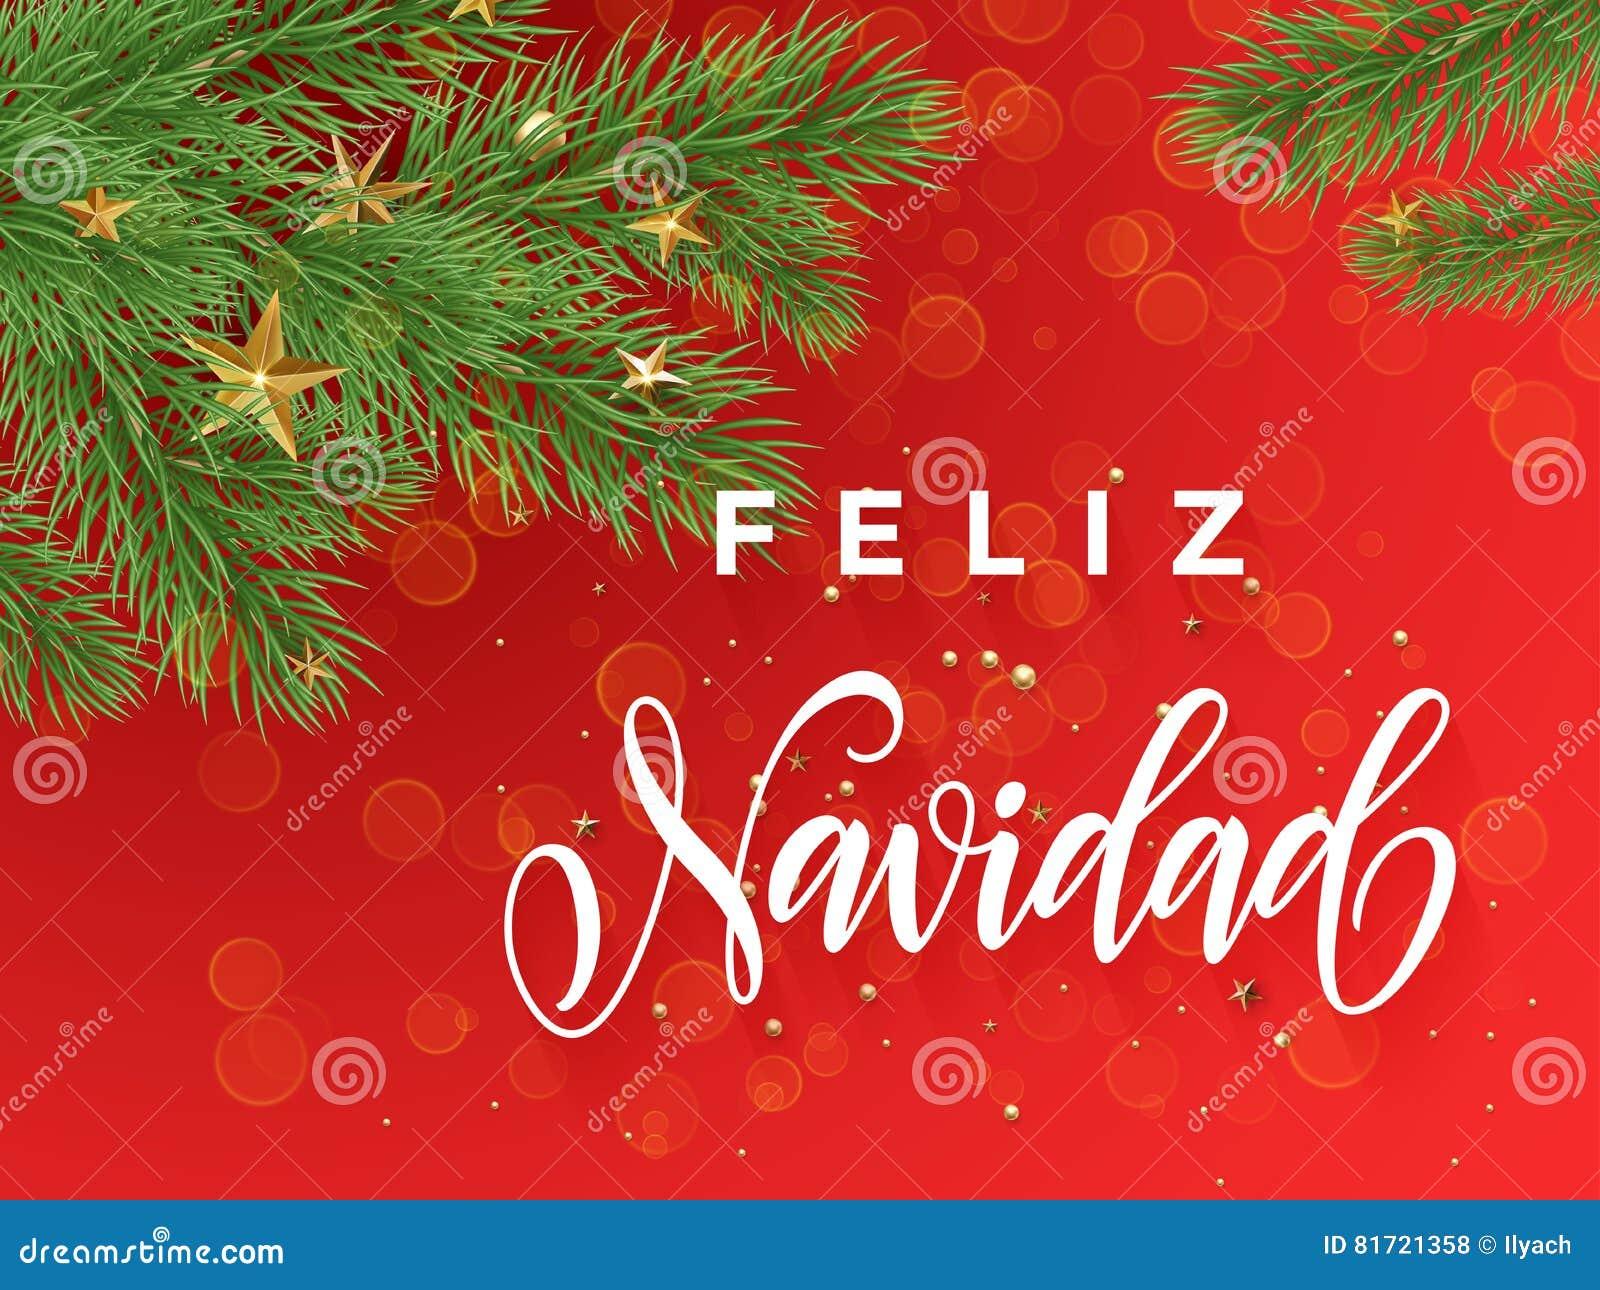 Buon Natale In Spagnolo.Fondo Spagnolo Di Rosso Della Decorazione Della Cartolina D Auguri Di Feliz Navidad Di Buon Natale Illustrazione Di Stock Illustrazione Di Dicembre Festive 81721358